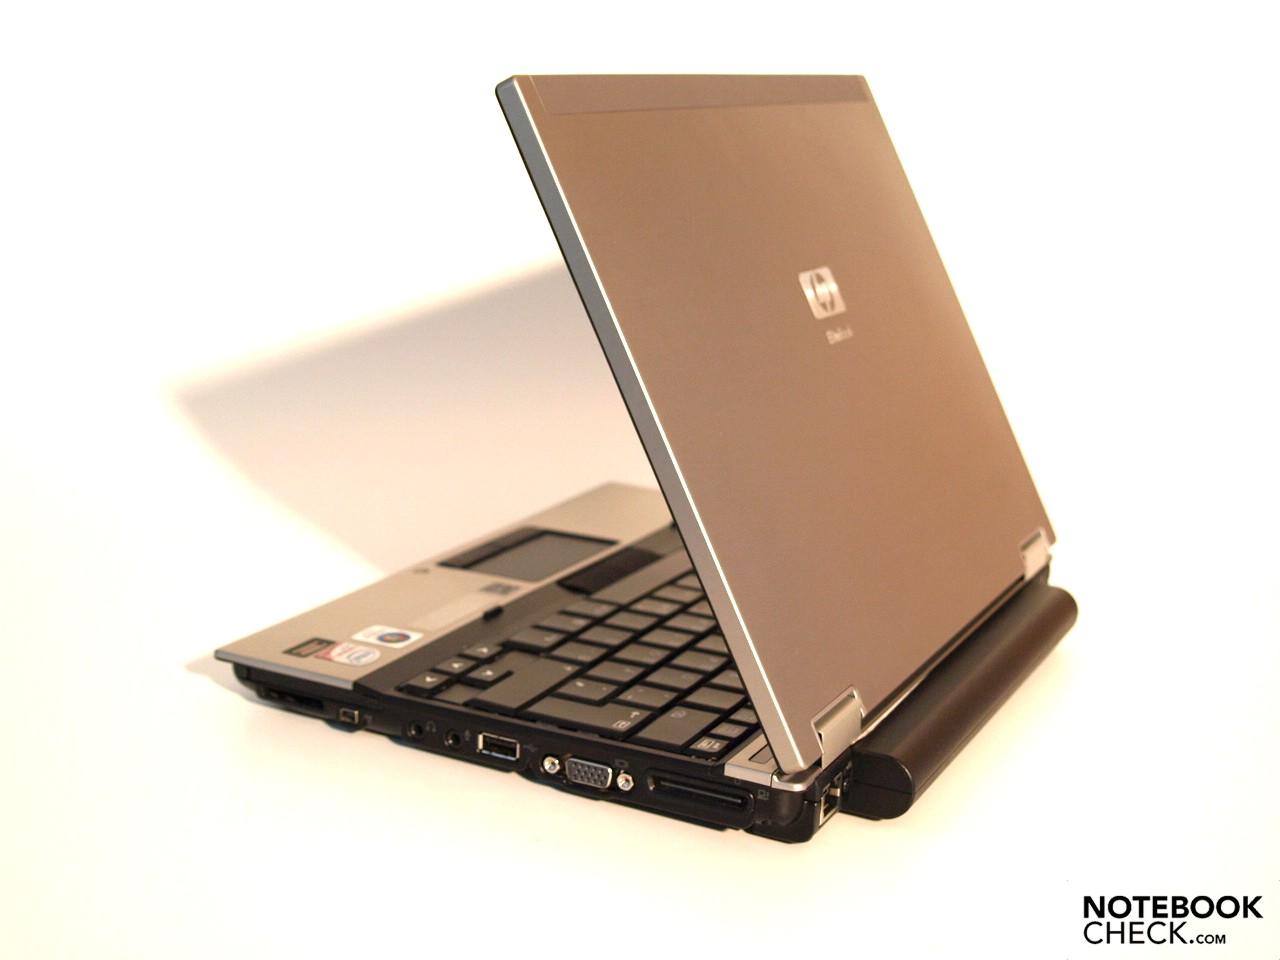 Review Hp Elitebook 2530p Notebook Notebookcheck Net Reviews